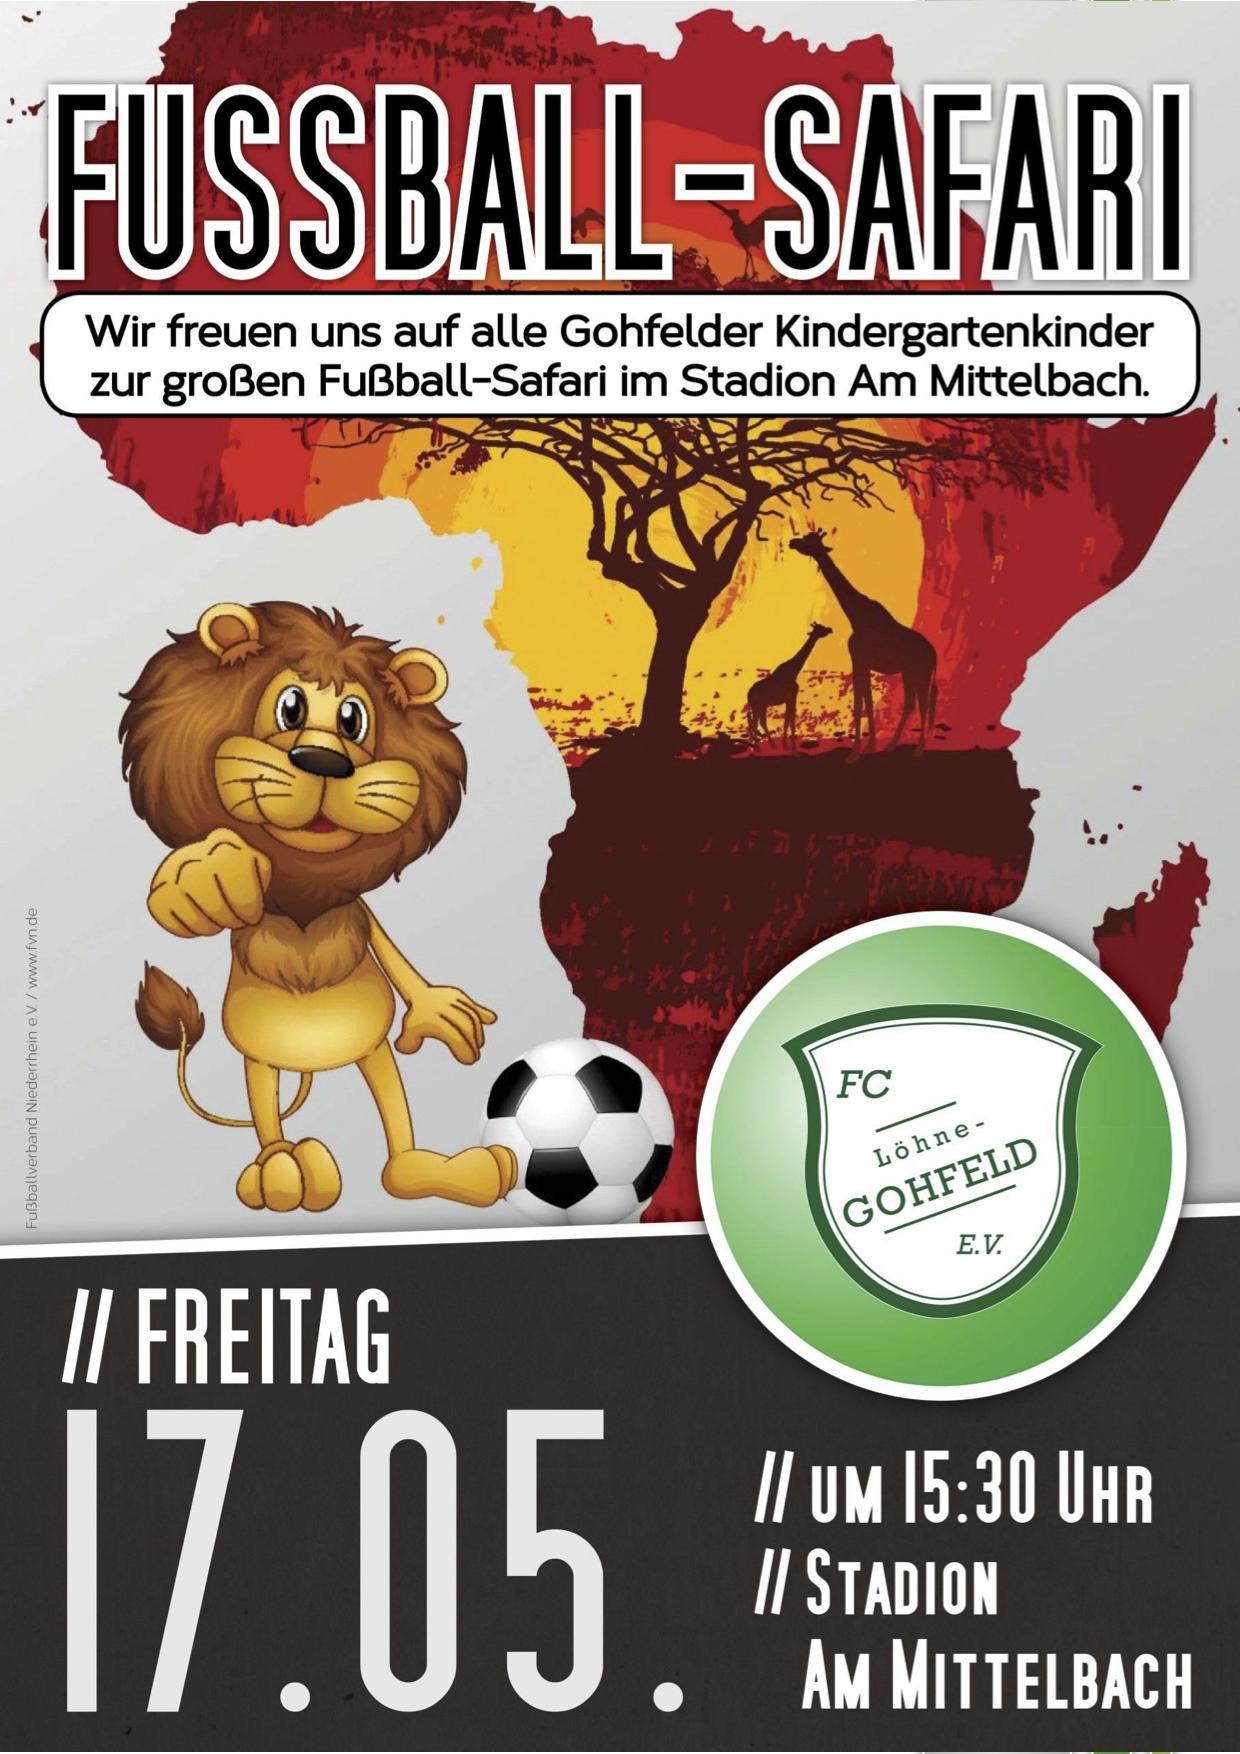 Fußball-Safari 2019